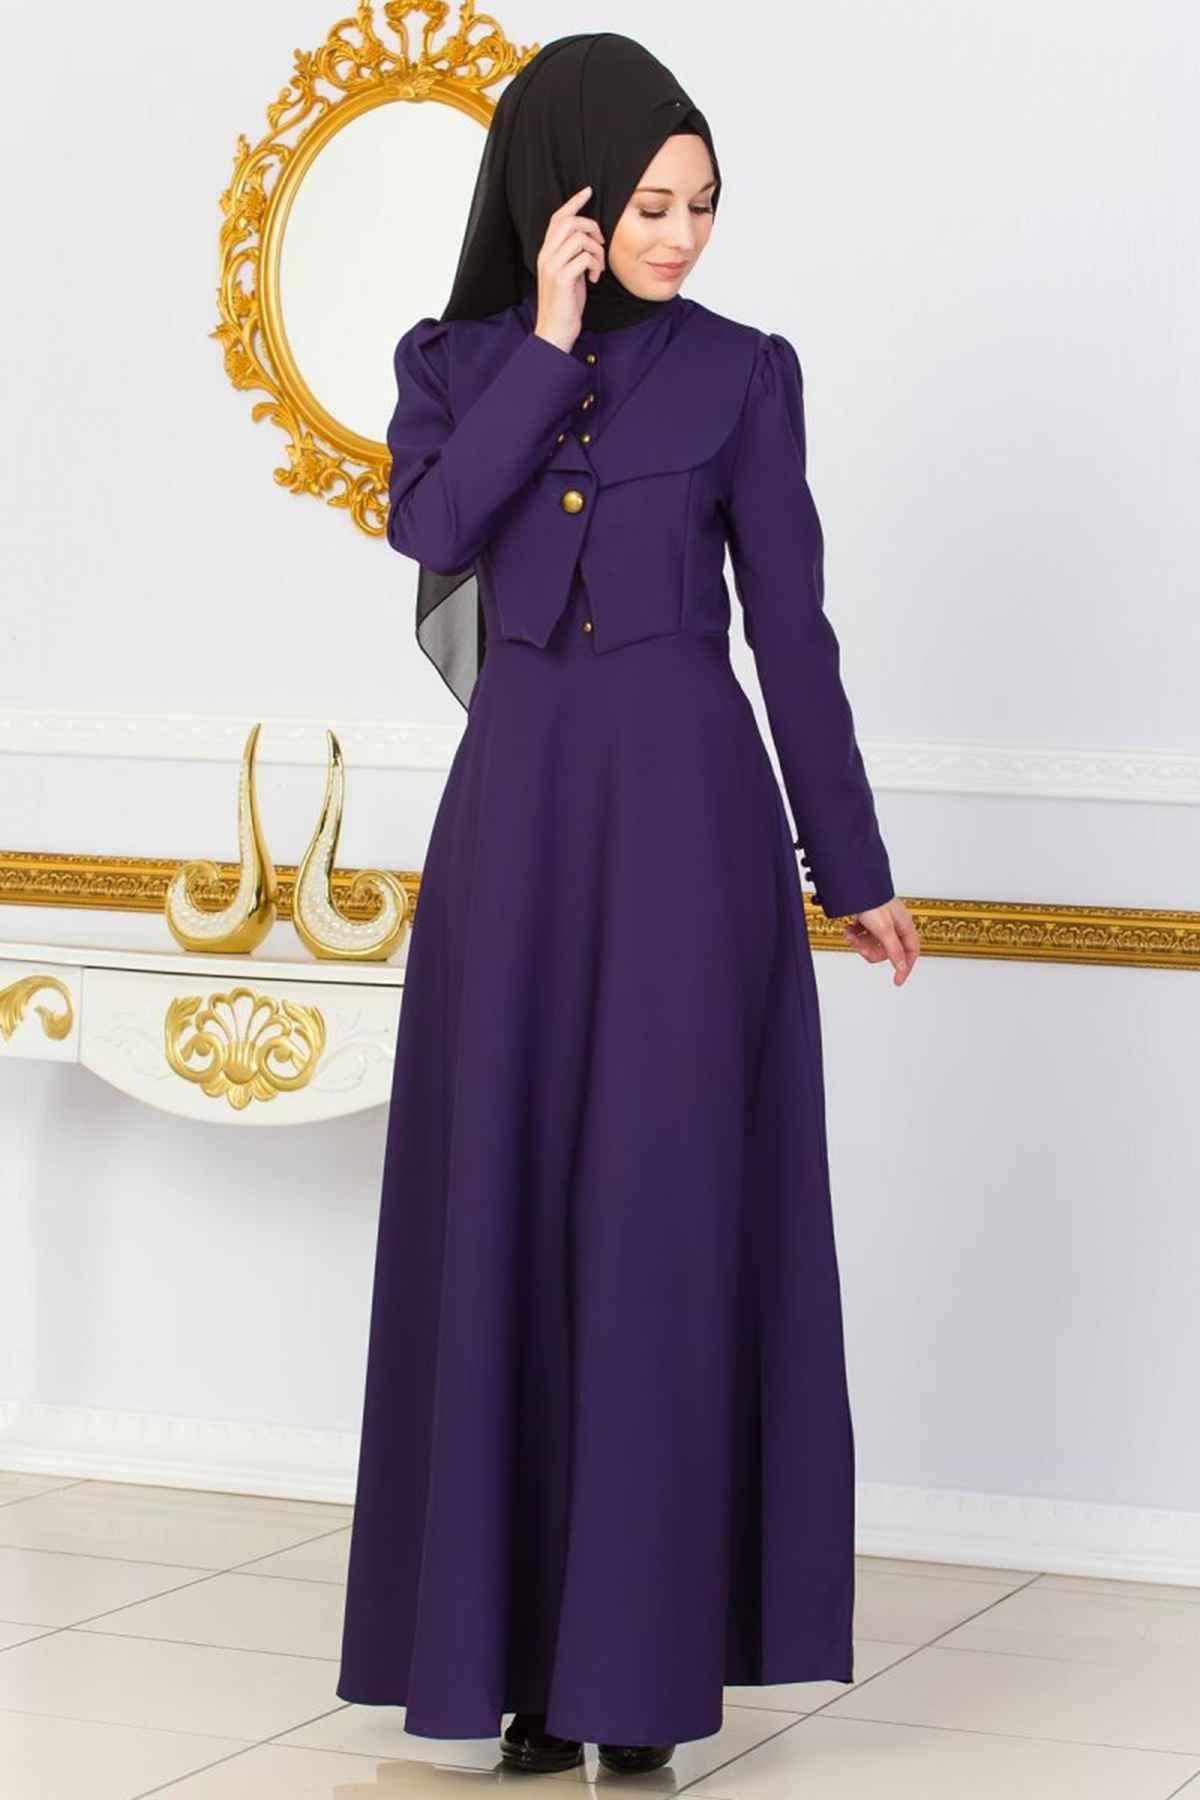 Ceket Görünümlü Patırtı Tesettür Abiye Elbise Modelleri